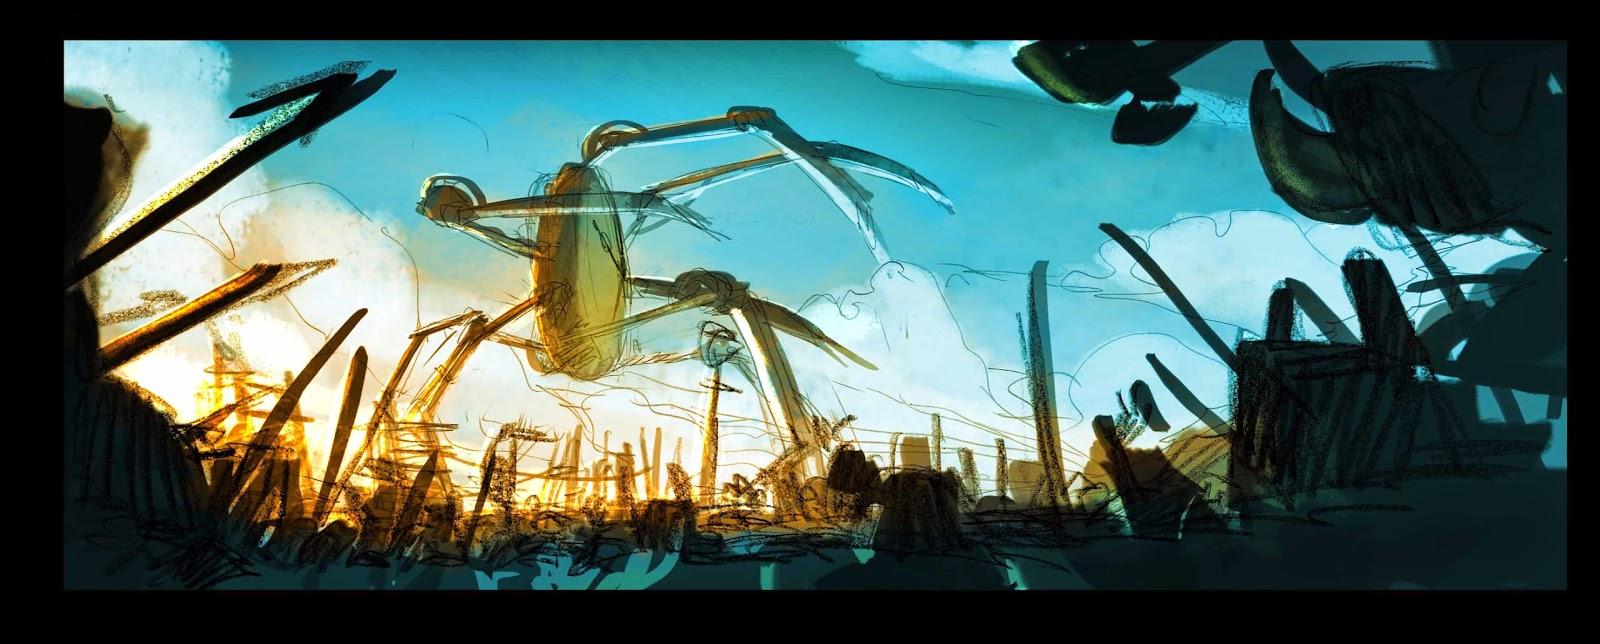 Le top(ic) des films d'animation jap et des réalisateurs 010